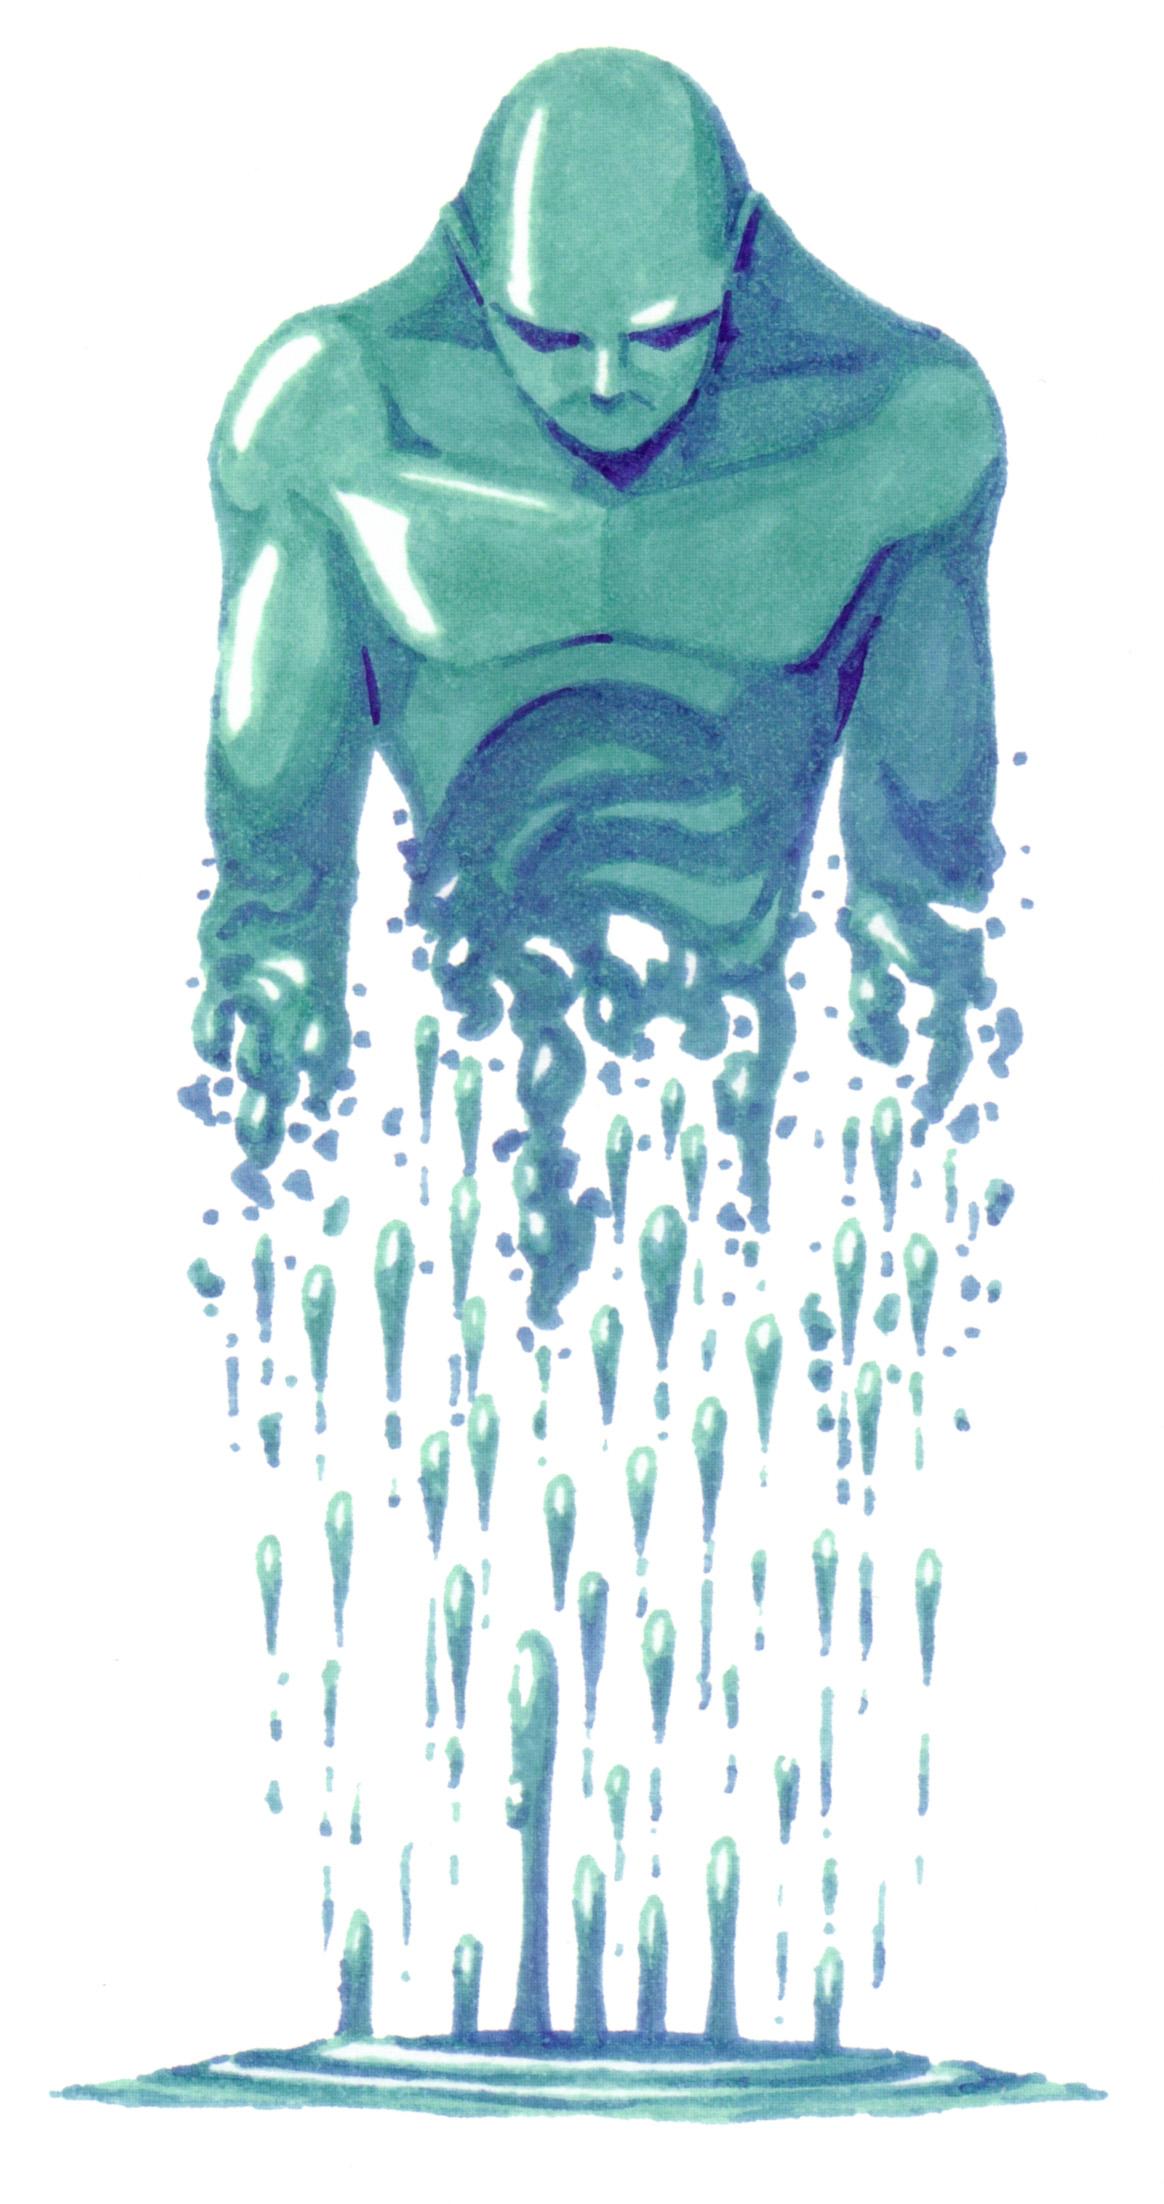 Aquans